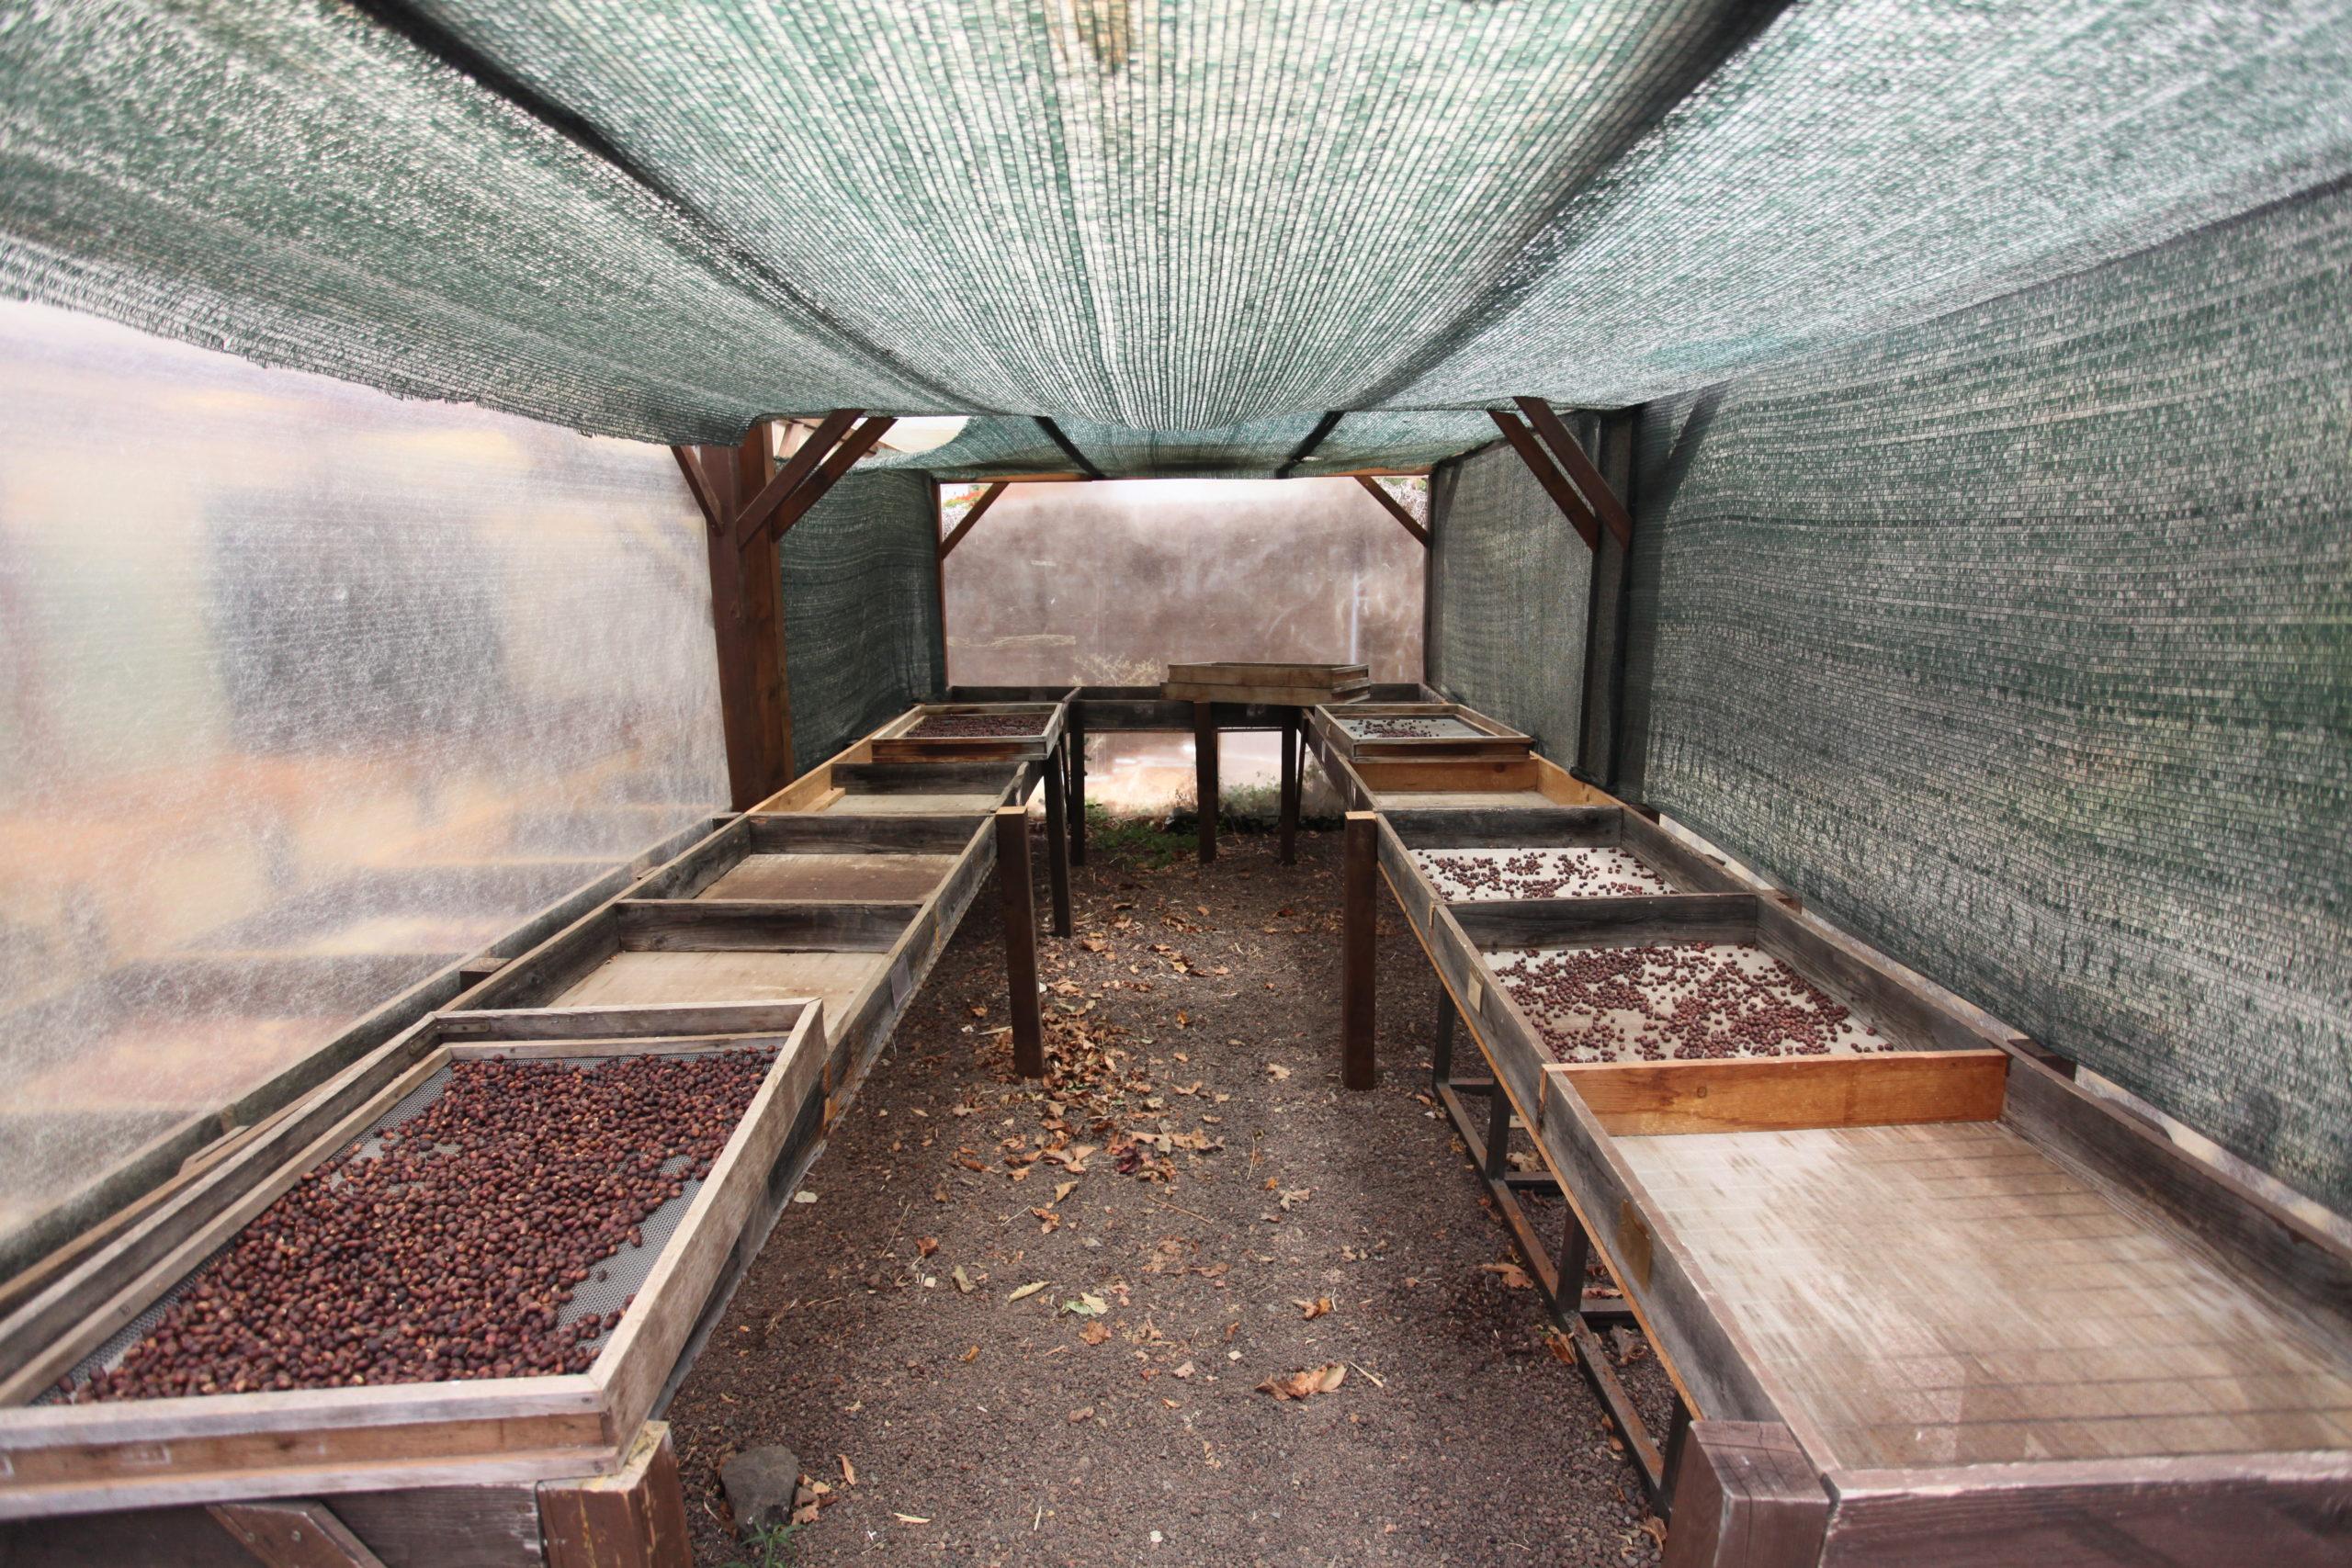 Afrikanische Betten zur Trocknung von Kaffee